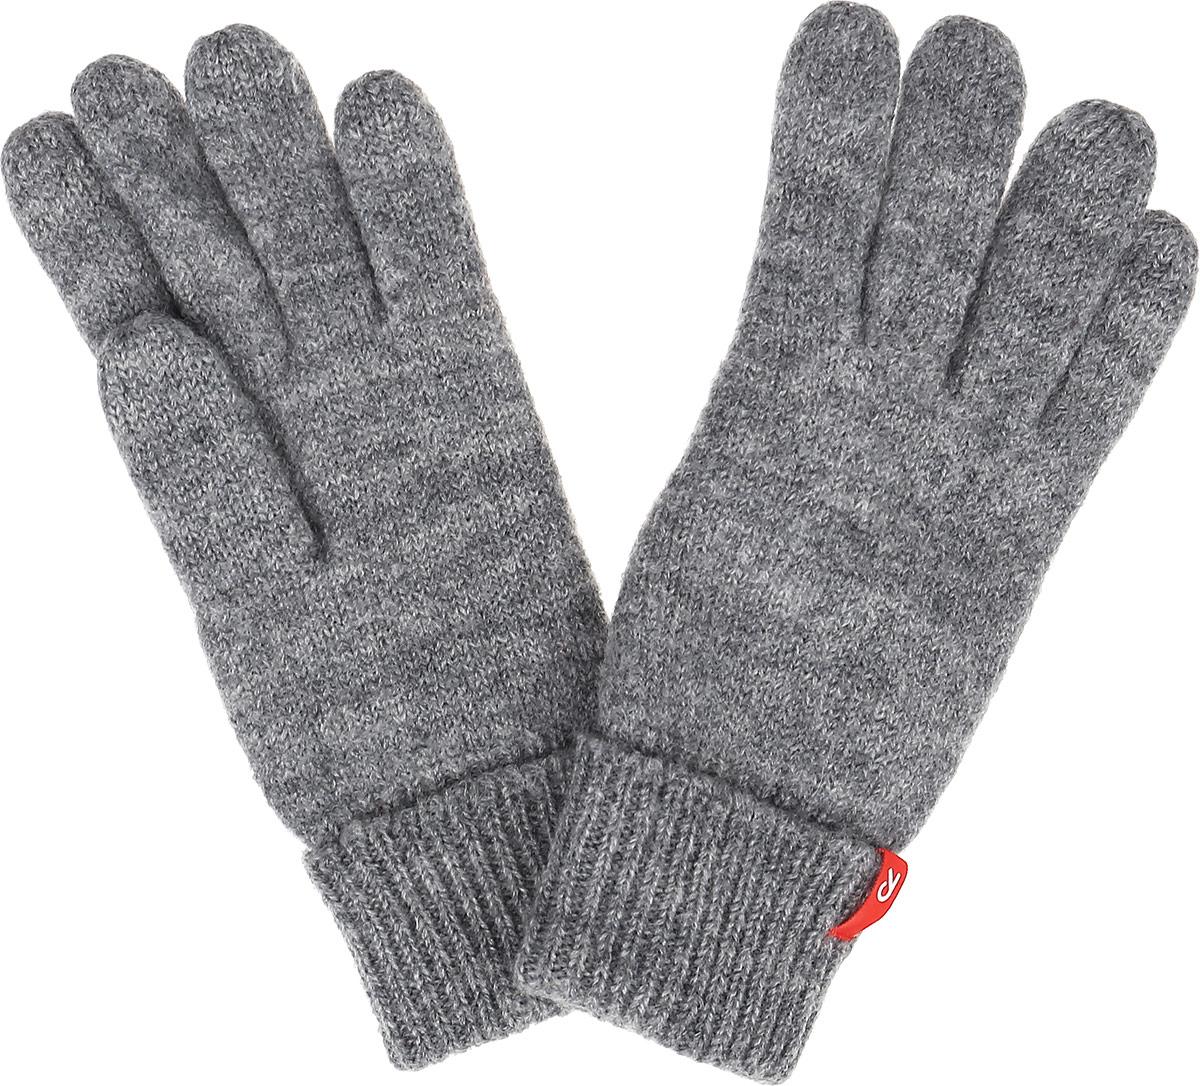 Перчатки детские527235-4900Теплые шерстяные детские перчатки Reima Supi станут великолепным дополнением образа и защитят руки ребенка от холода и ветра во время прогулок. Перчатки выполнены из 100% шерсти, которая надежно сохраняет тепло и обеспечивает удобство и комфорт при носке. Шерстяные перчатки согревают ручки и стильно смотрятся! Эта модная облегченная модель без подкладки идеально подходит для холодных осенних дней. Дышащие шерстяные перчатки превосходно регулируют температуру, а интересная структурная вязка создает яркий образ! Такие перчатки будут оригинальным завершающим штрихом в создании современного модного образа, также станут незаменимым и практичным аксессуаром в детском гардеробе.